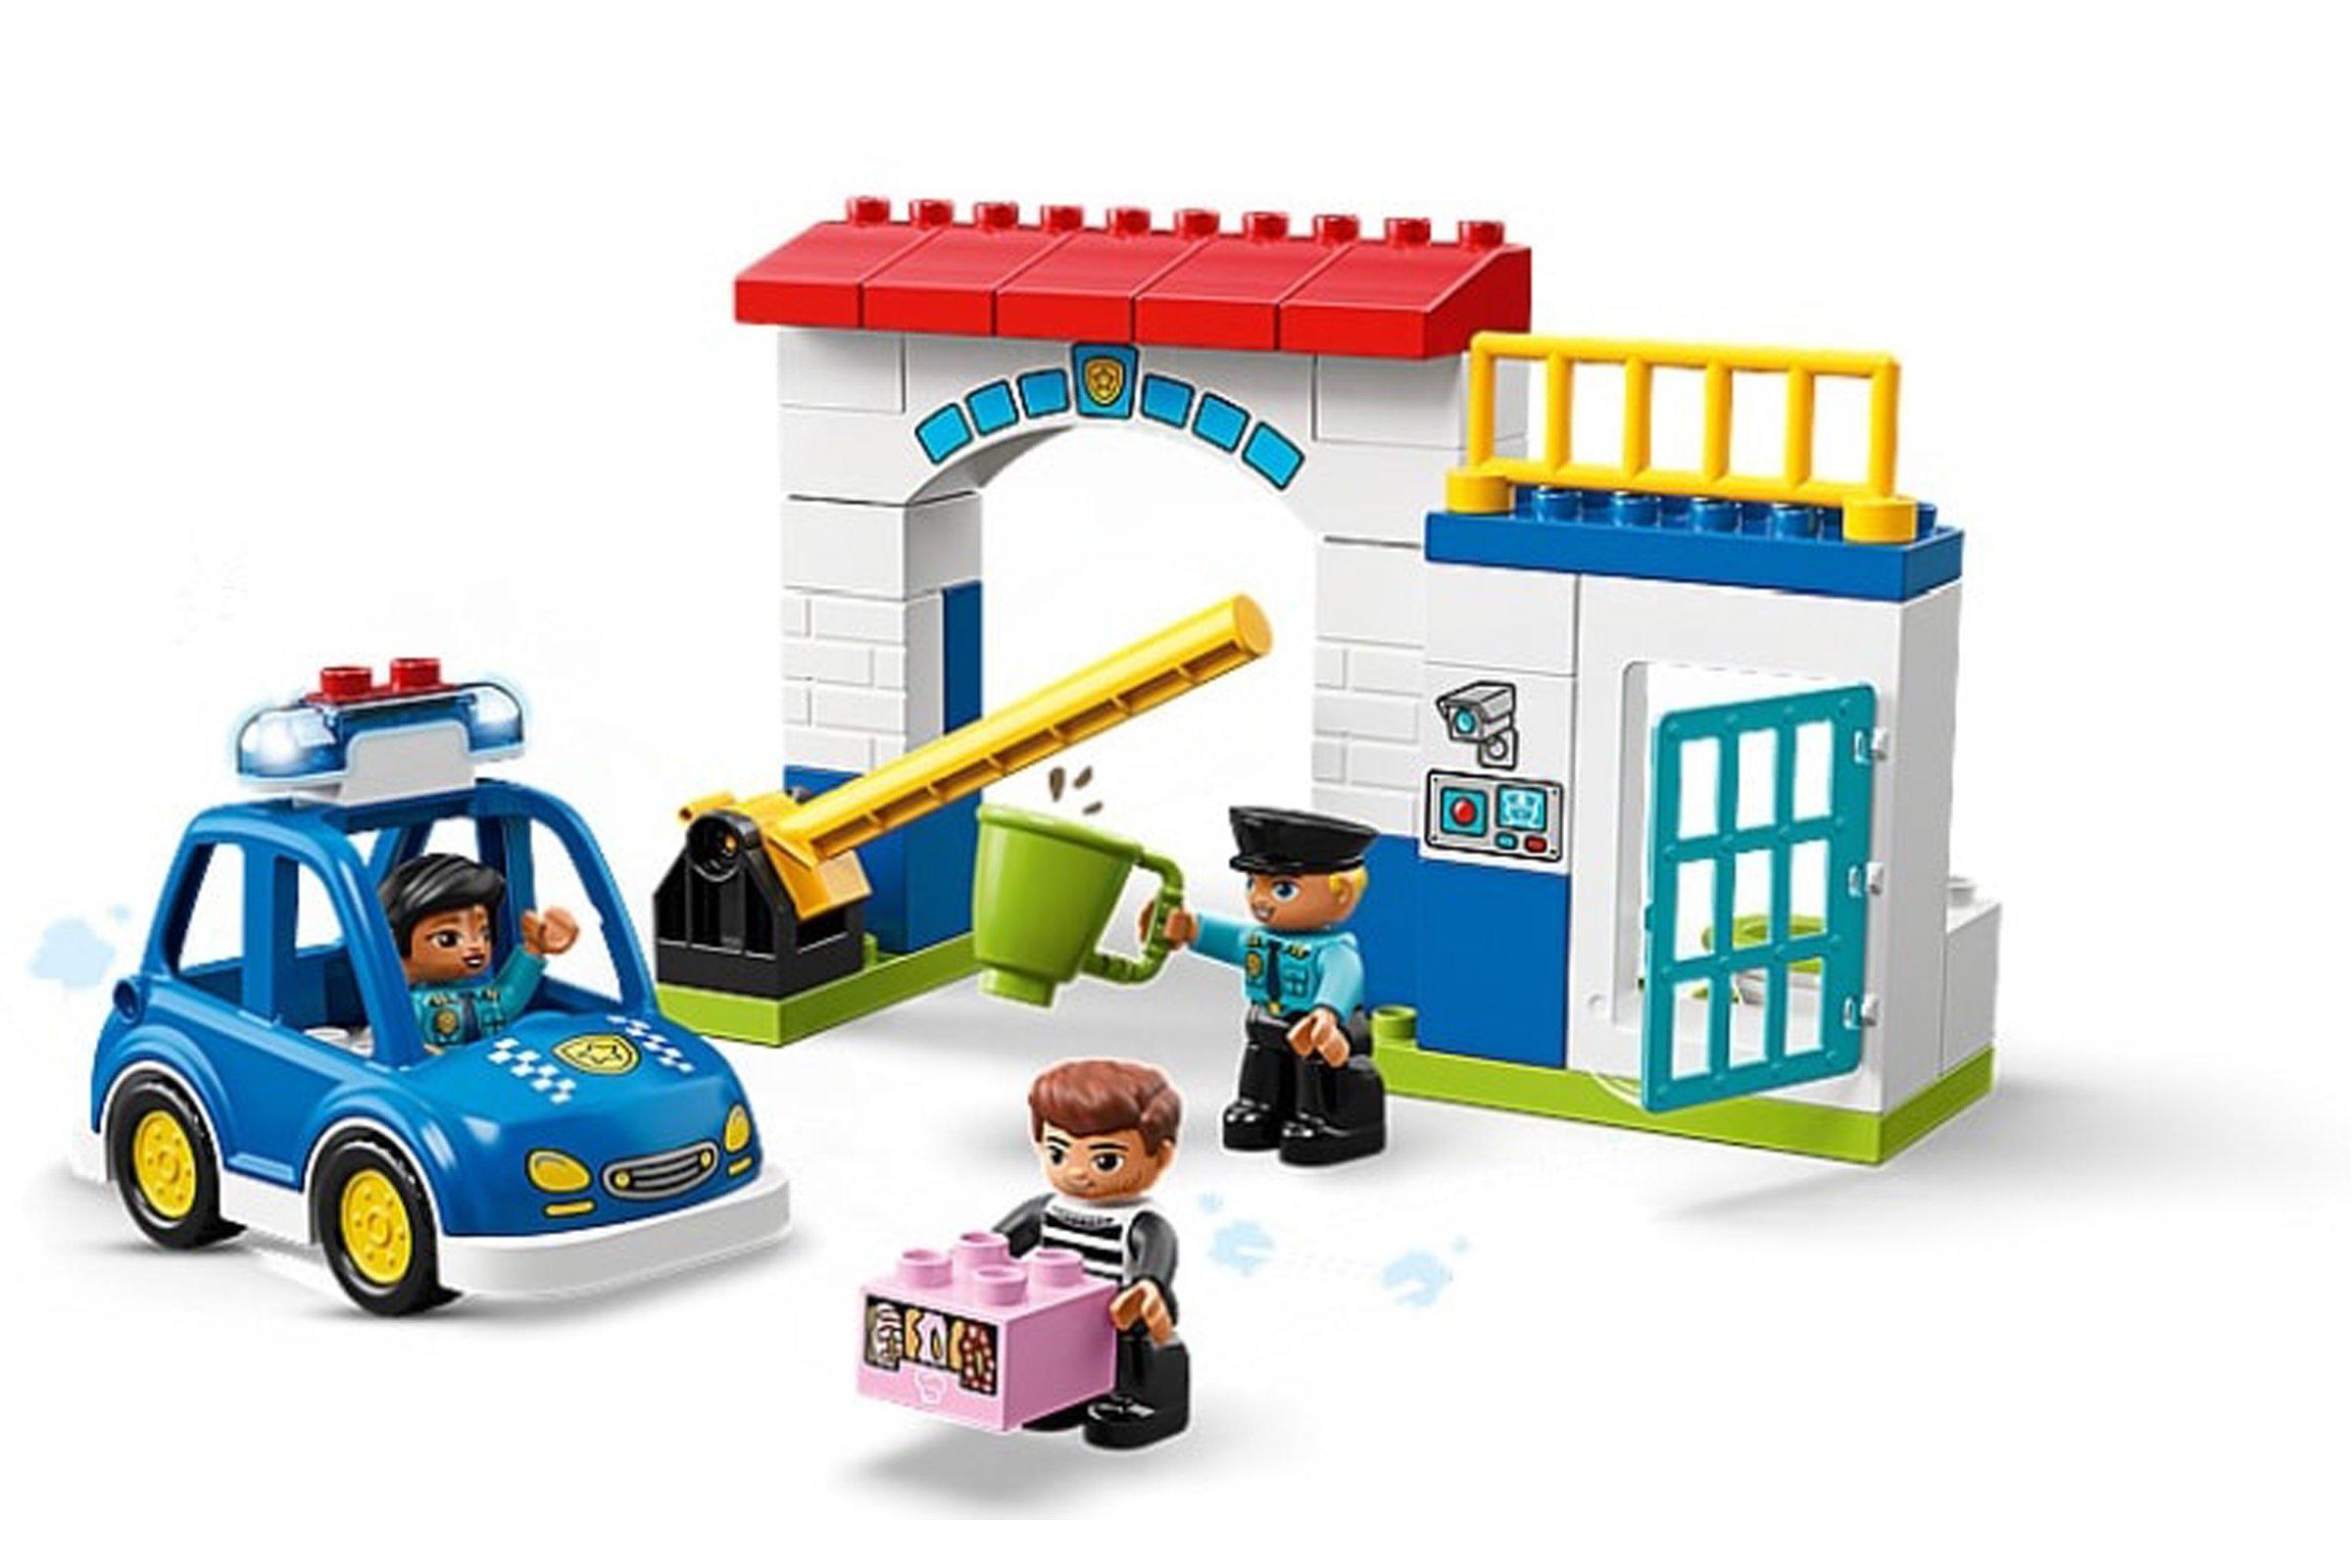 Lego Duplo 10902 Posterunek Policji Dom I Ogród Zabawki Lego